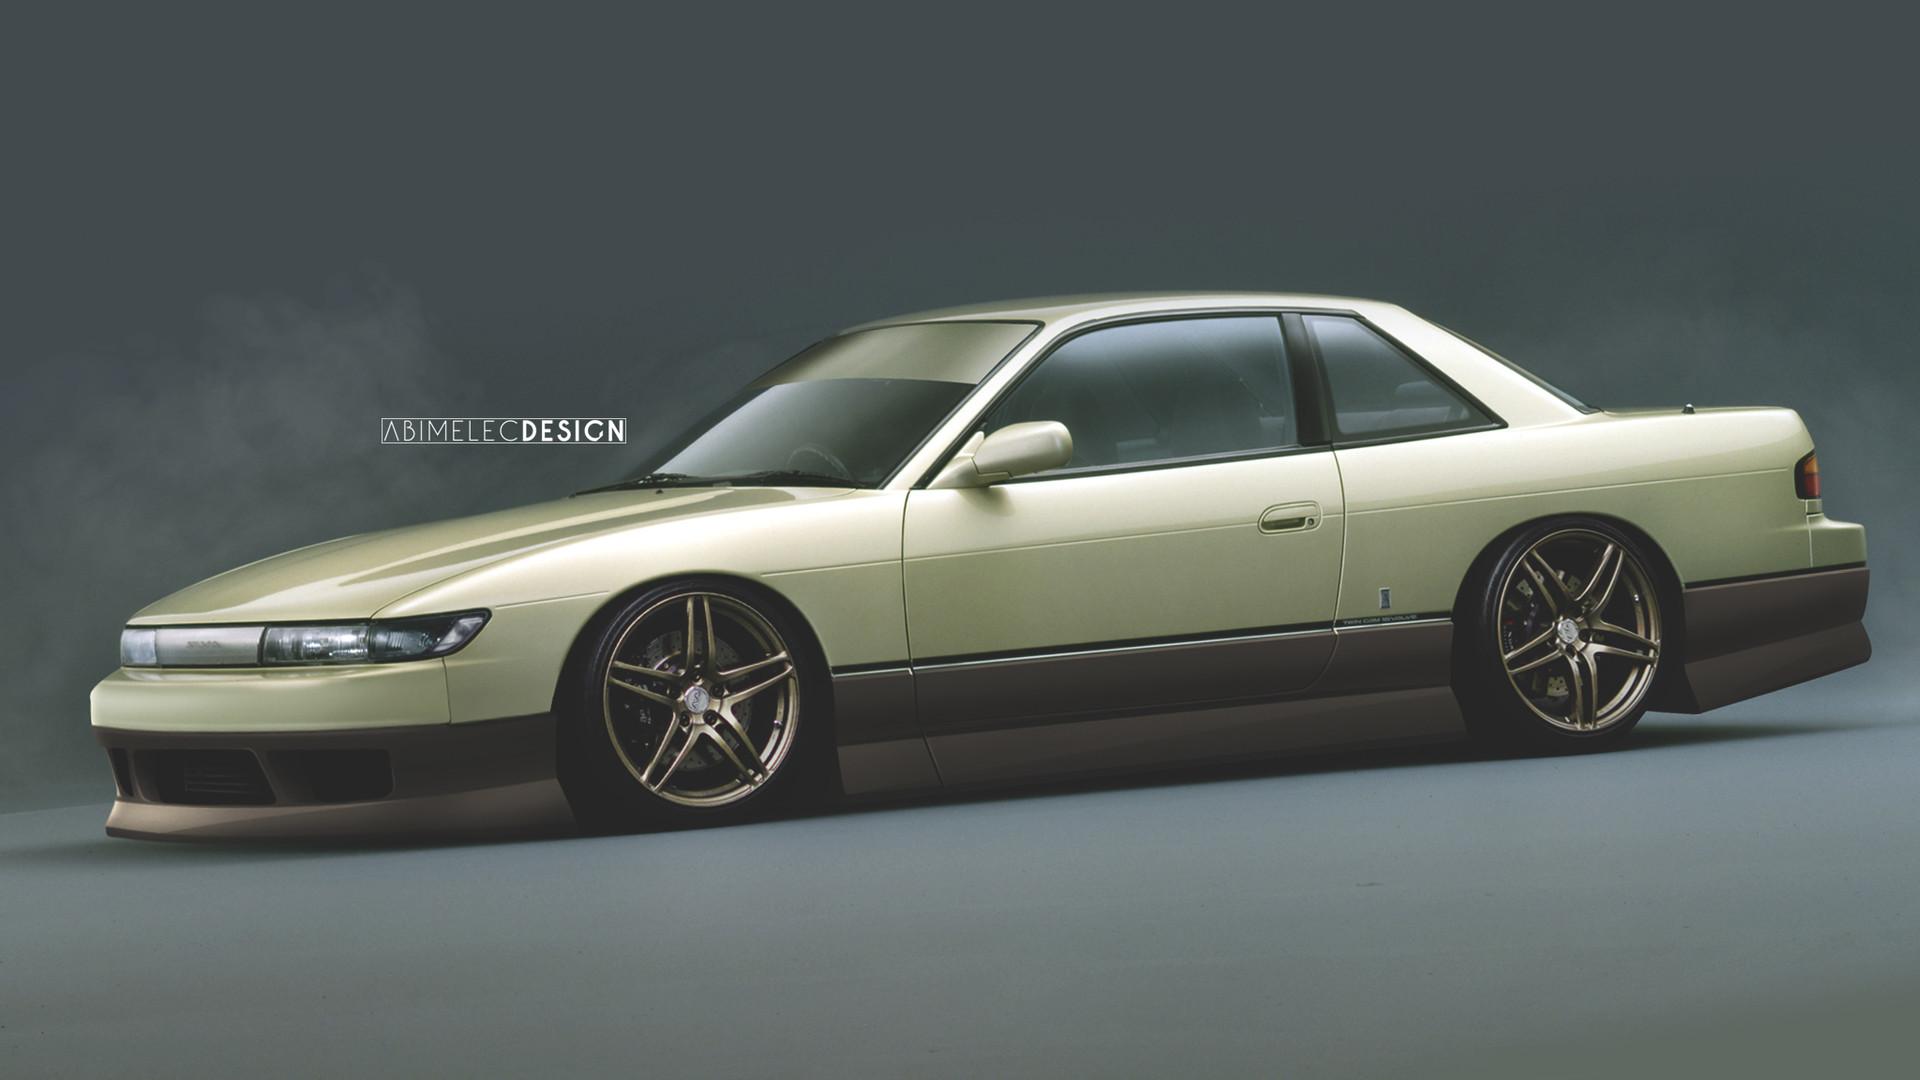 Abimelec Arellano Nissan Silvia S13